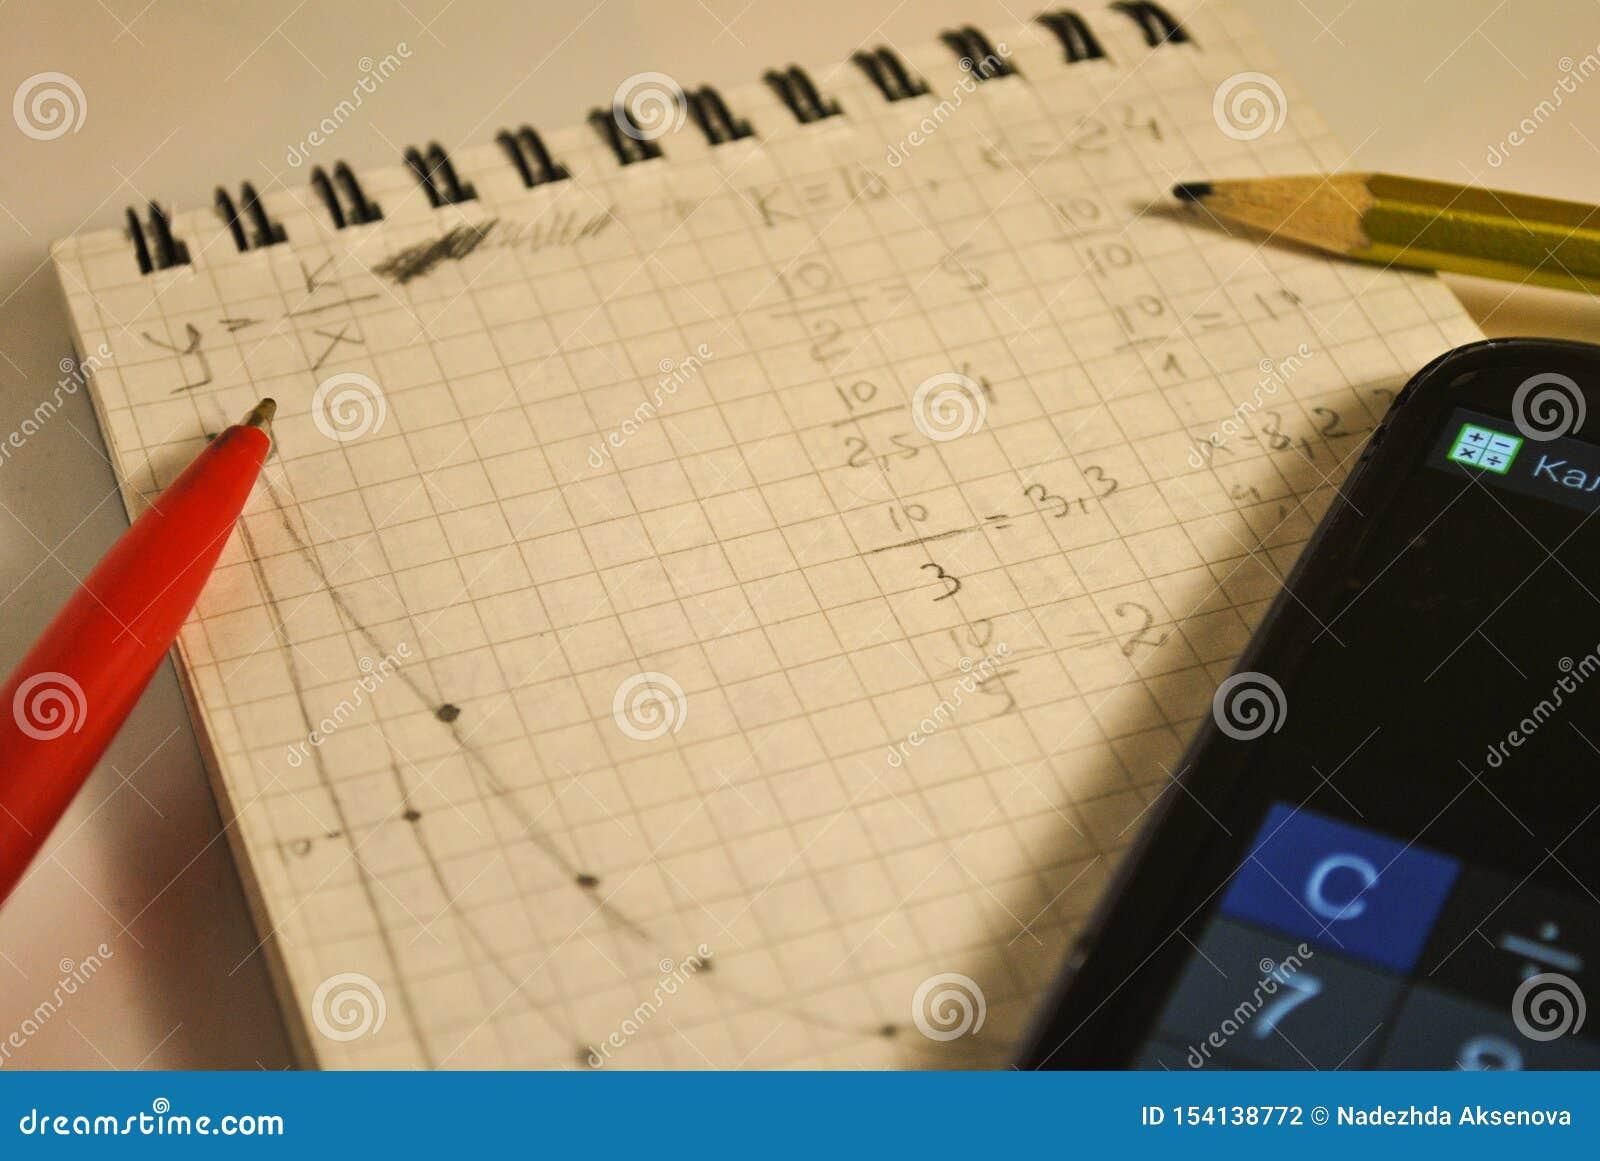 Σημειωματάριο, τύποι, μαθηματική γραφική παράσταση, εργασία, κινητό τηλέφωνο